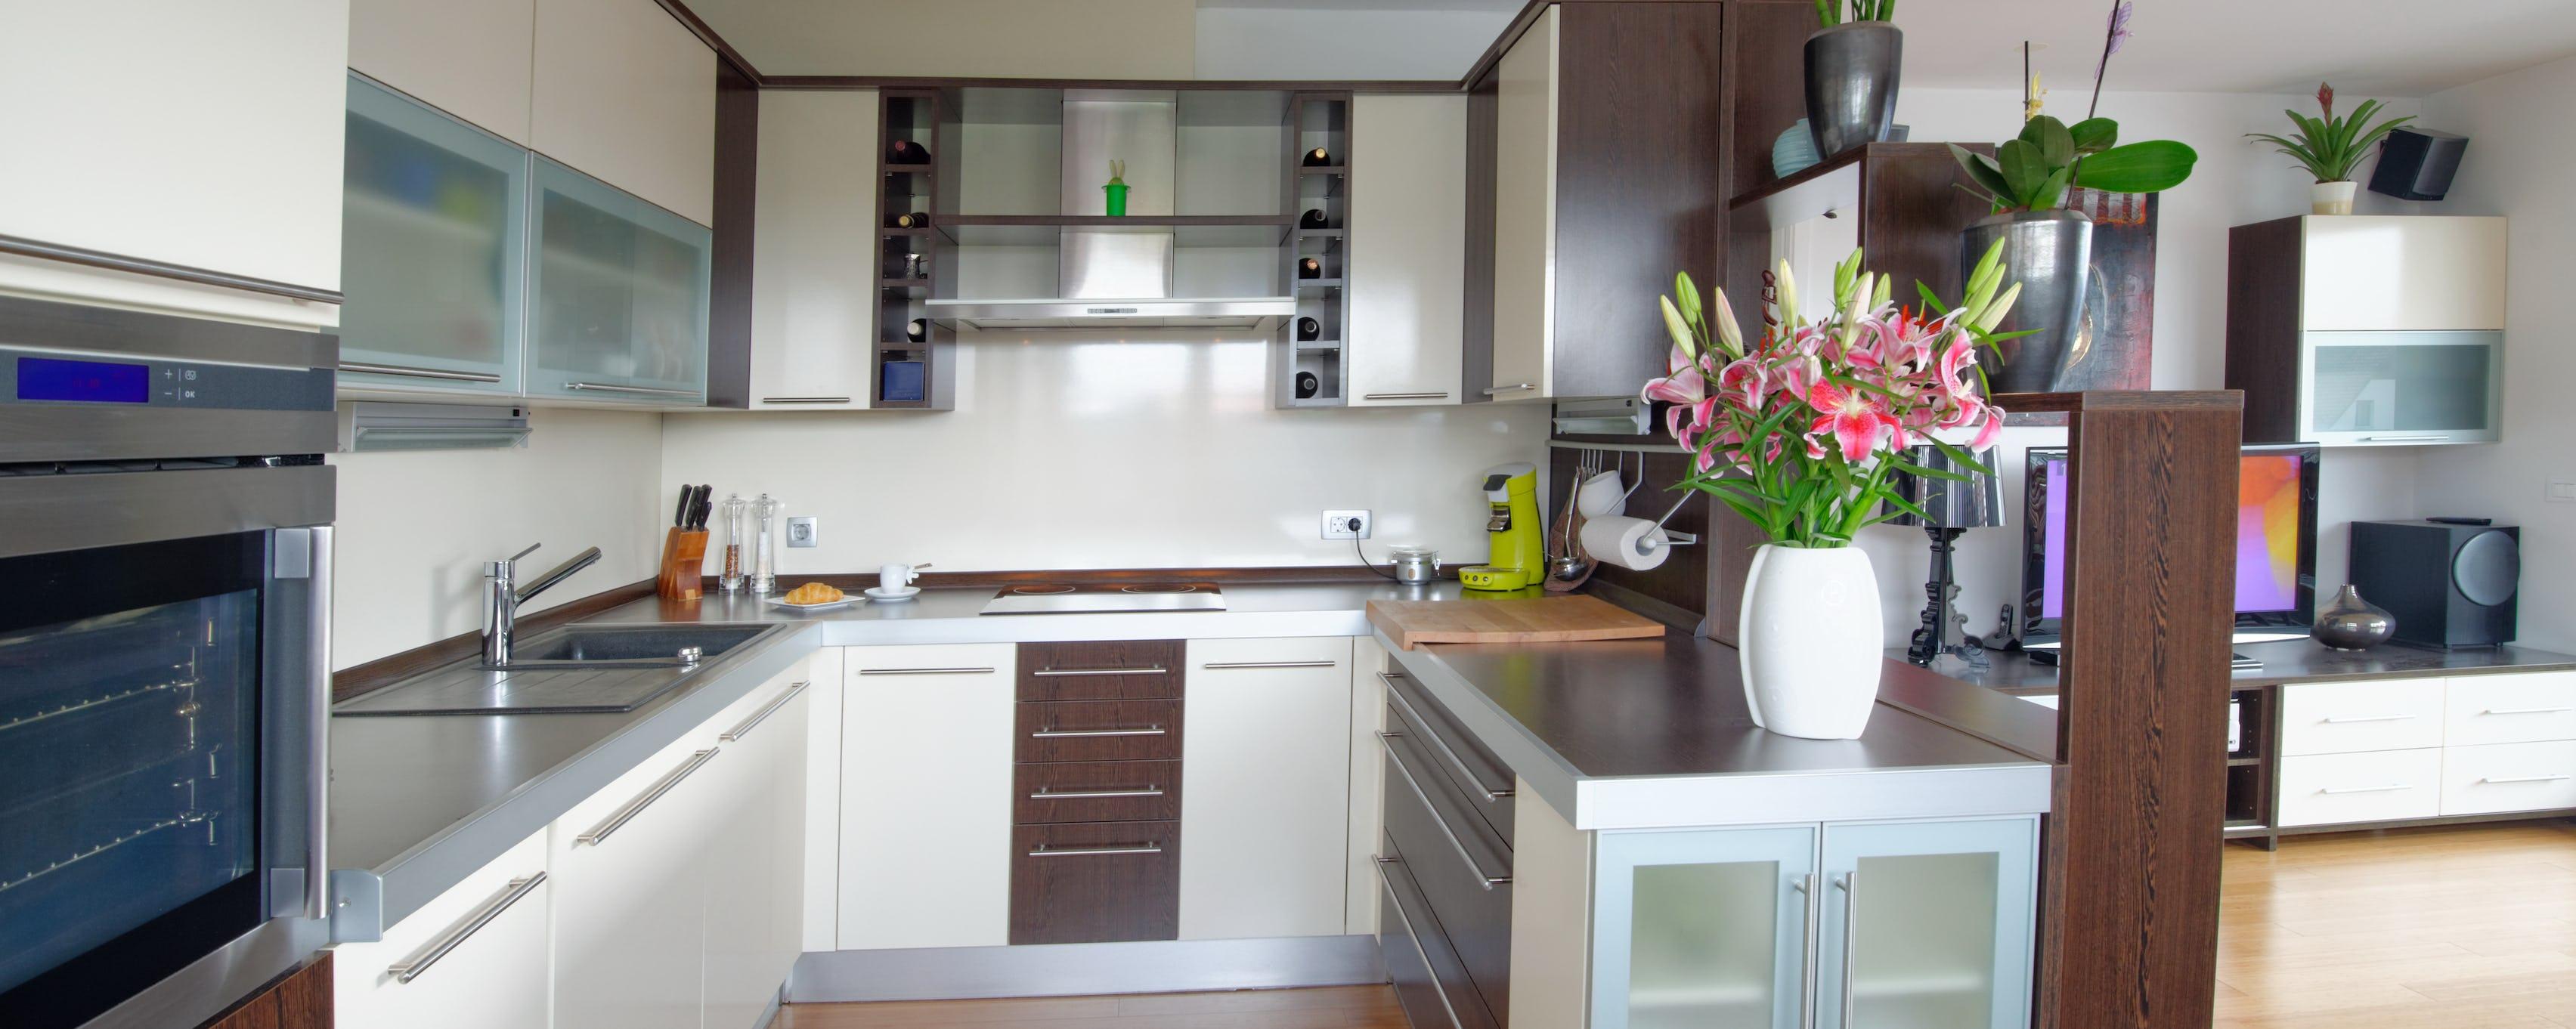 Amenagement Interieur Petite Surface comment aménager une petite cuisine?